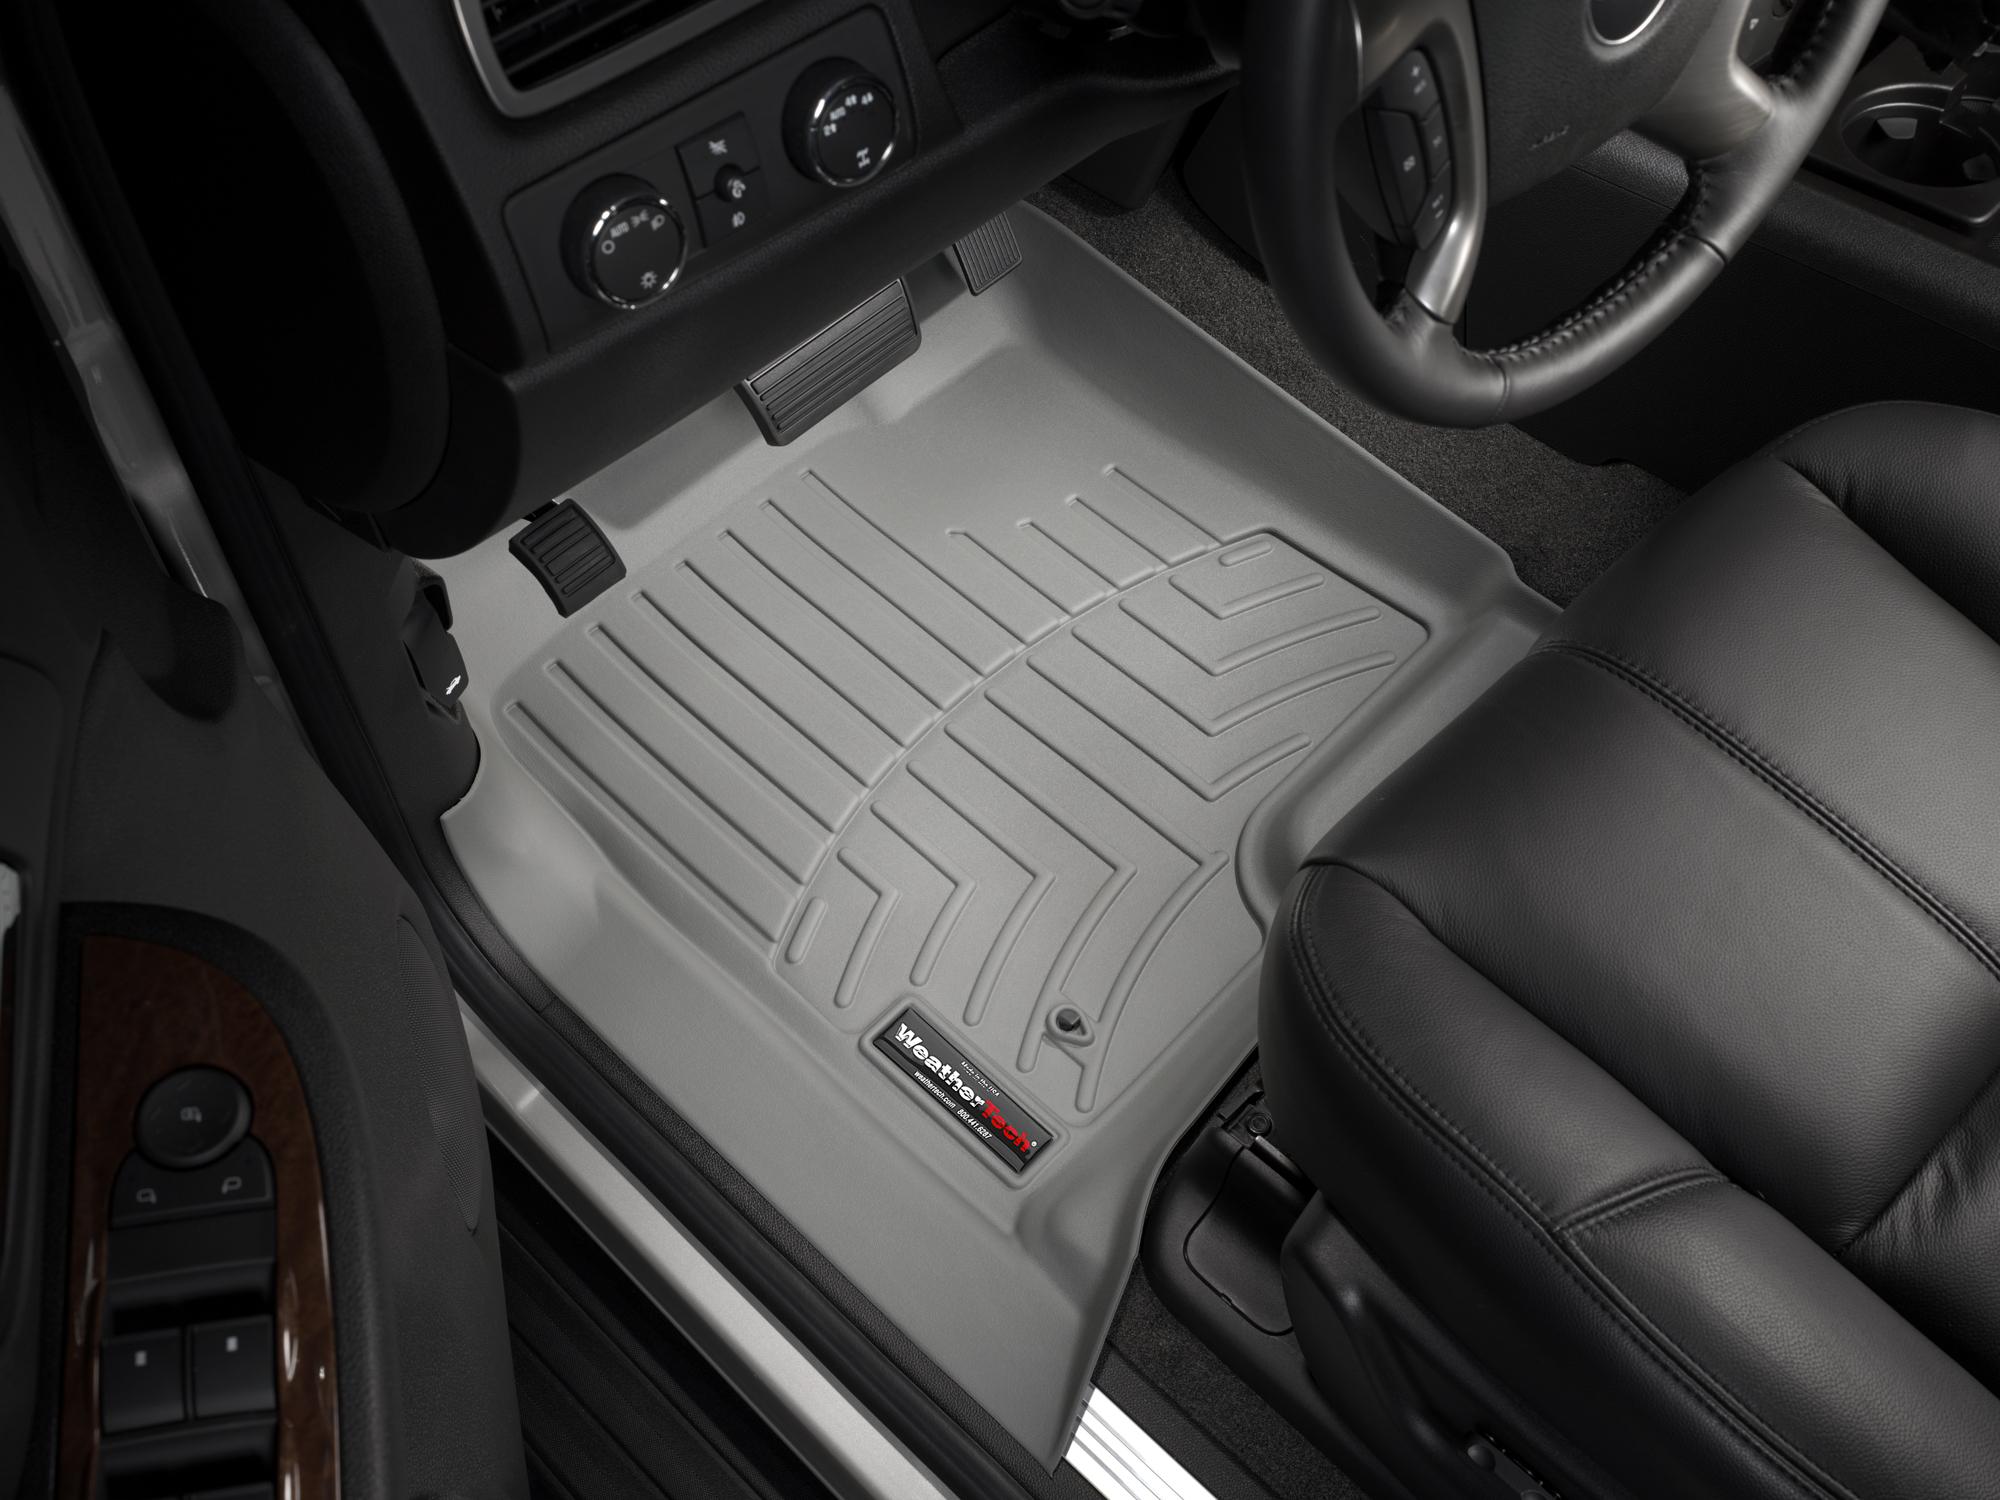 Tappeti gomma su misura bordo alto Chevrolet Avalanche 07>13 Grigio A95*